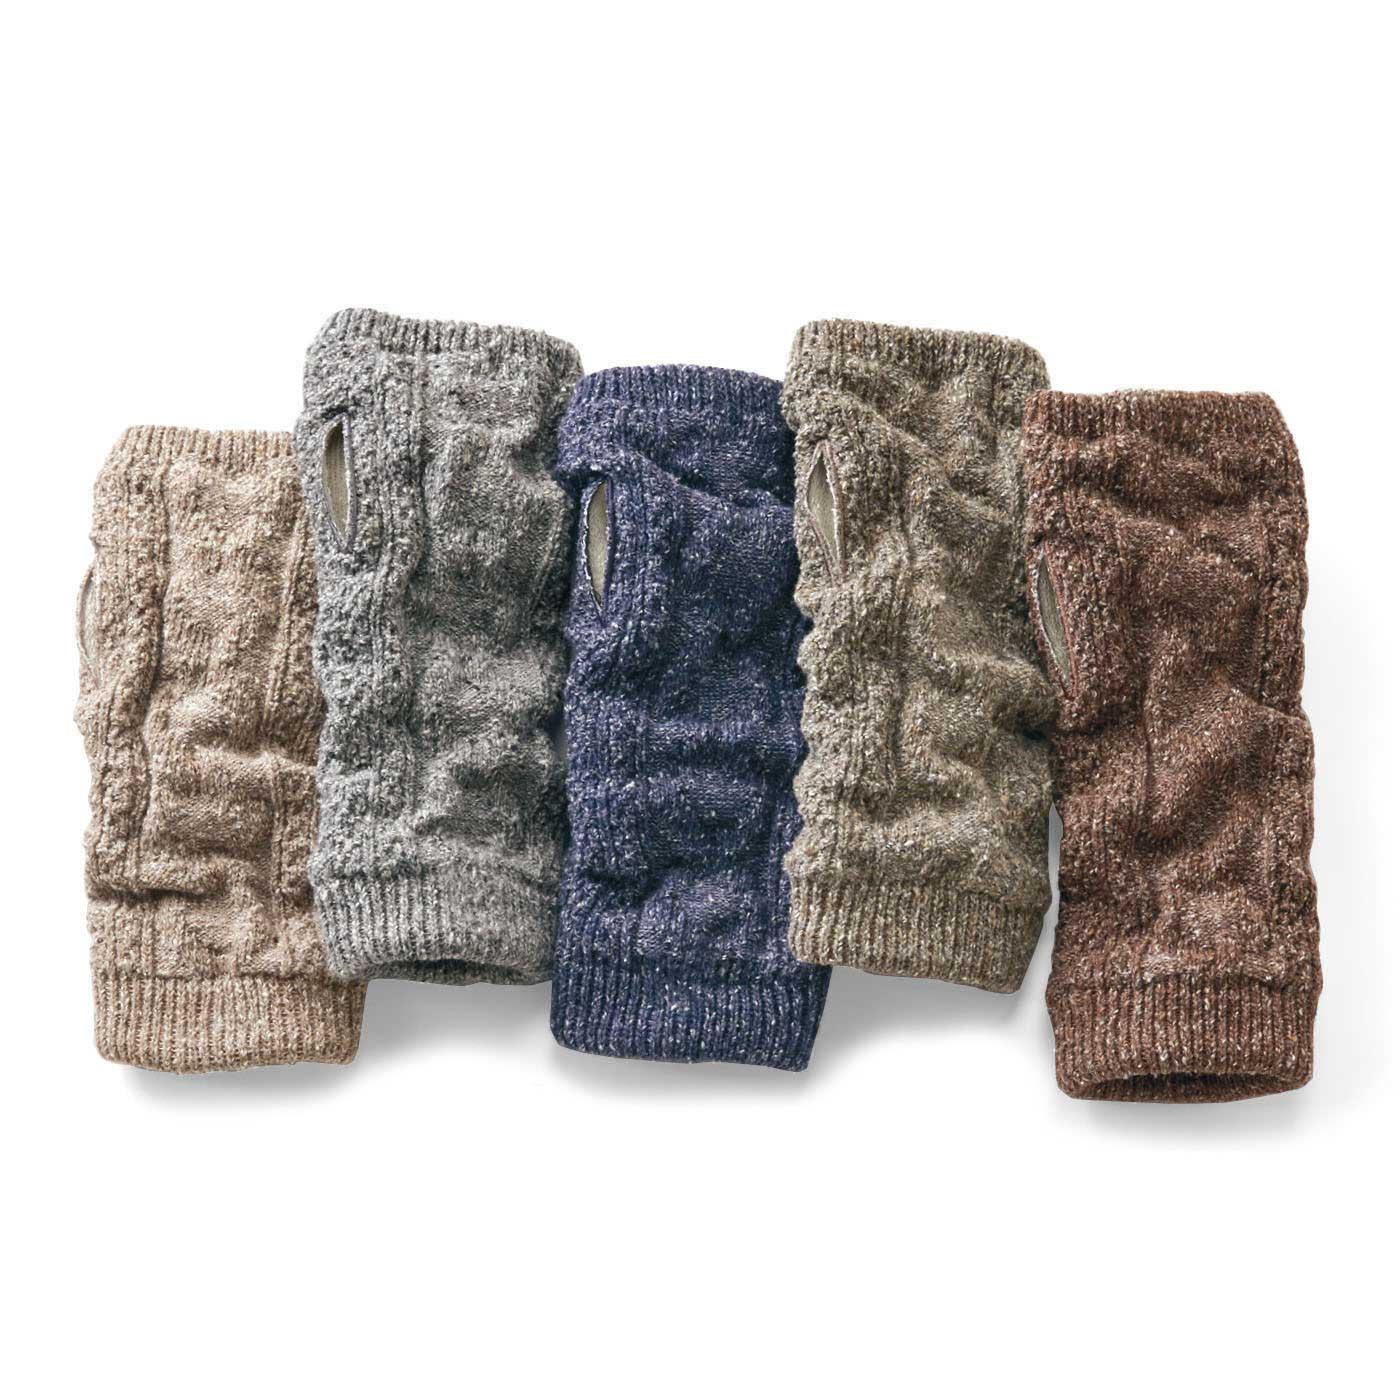 編み上がり後の自然な状態を生かして、くしゅっとなじみのよい風合いに。